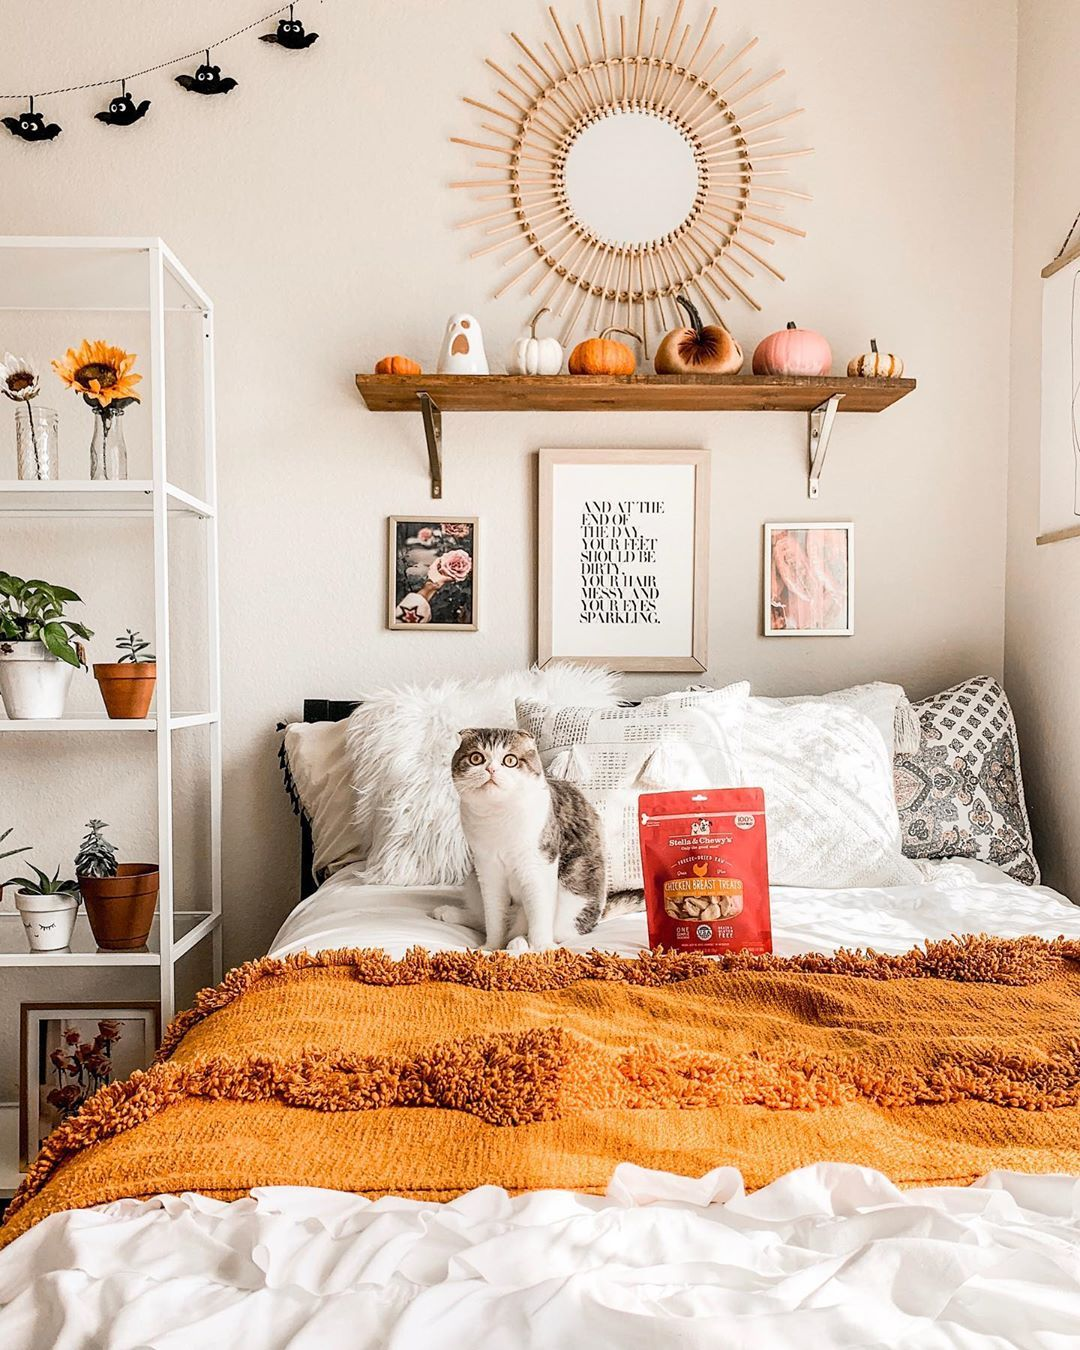 999 Best Bedroom Decoration Ideas Bedroom Decor Bedroomdesign Dorm Room Decor Bedroom Decor Dorm Room Inspiration Bedroom decoration diy bedroom